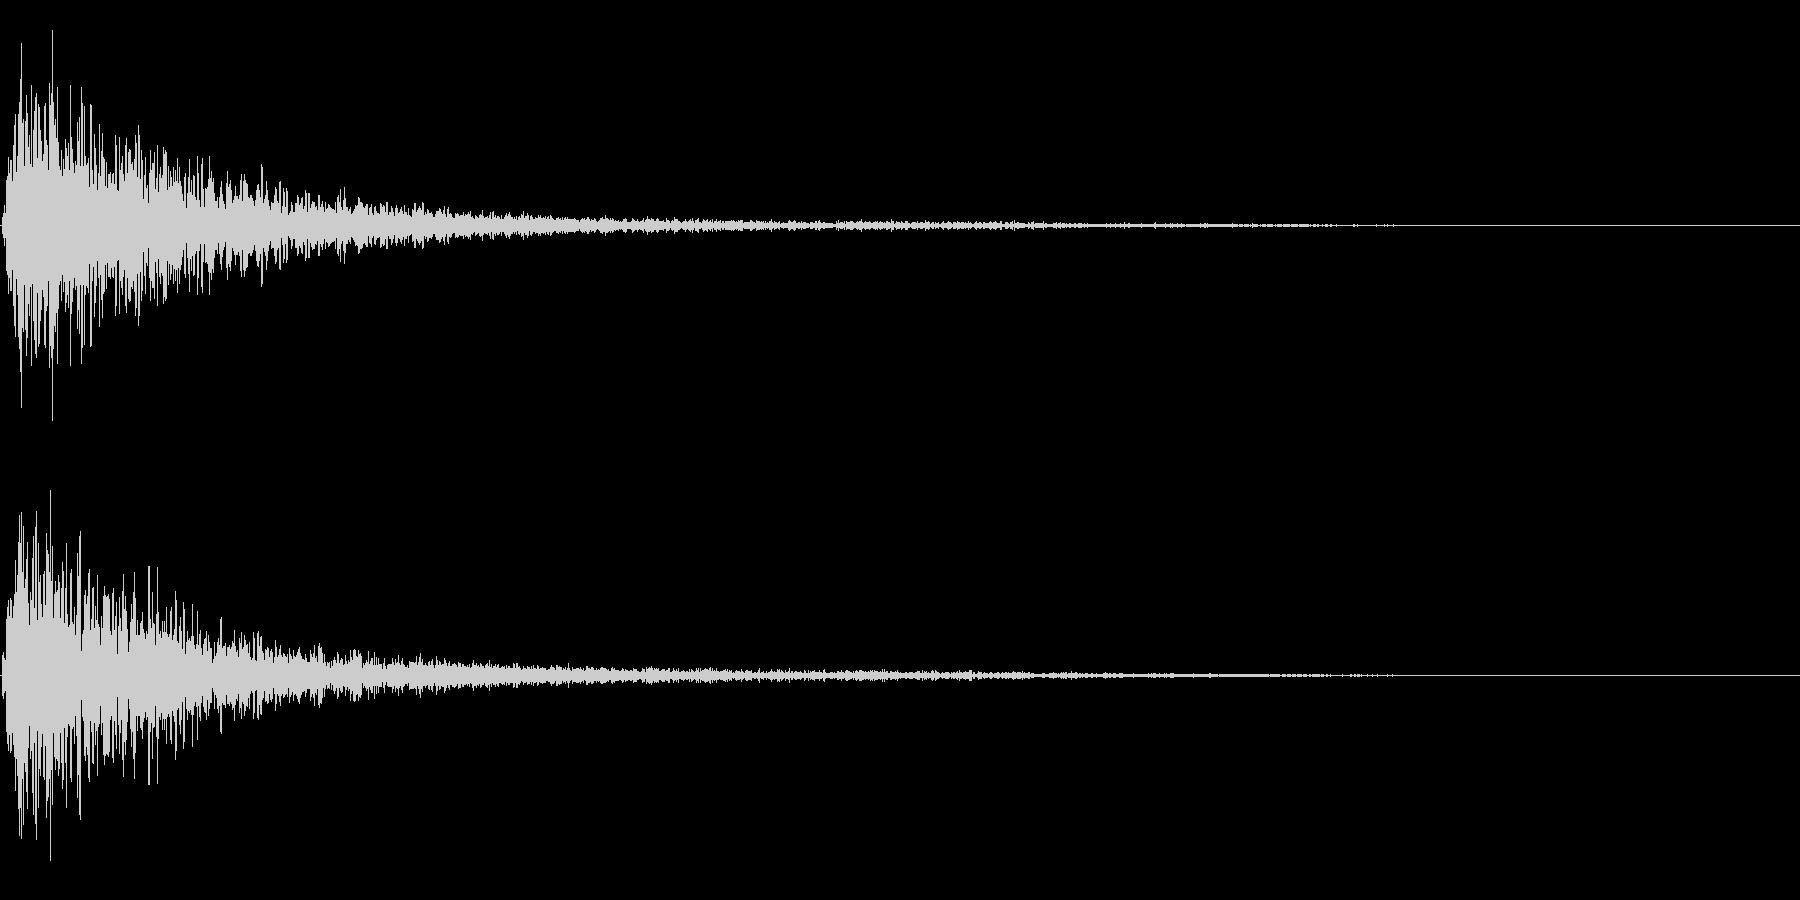 バーン衝撃音ホラーサスペンスに最適のSEの未再生の波形